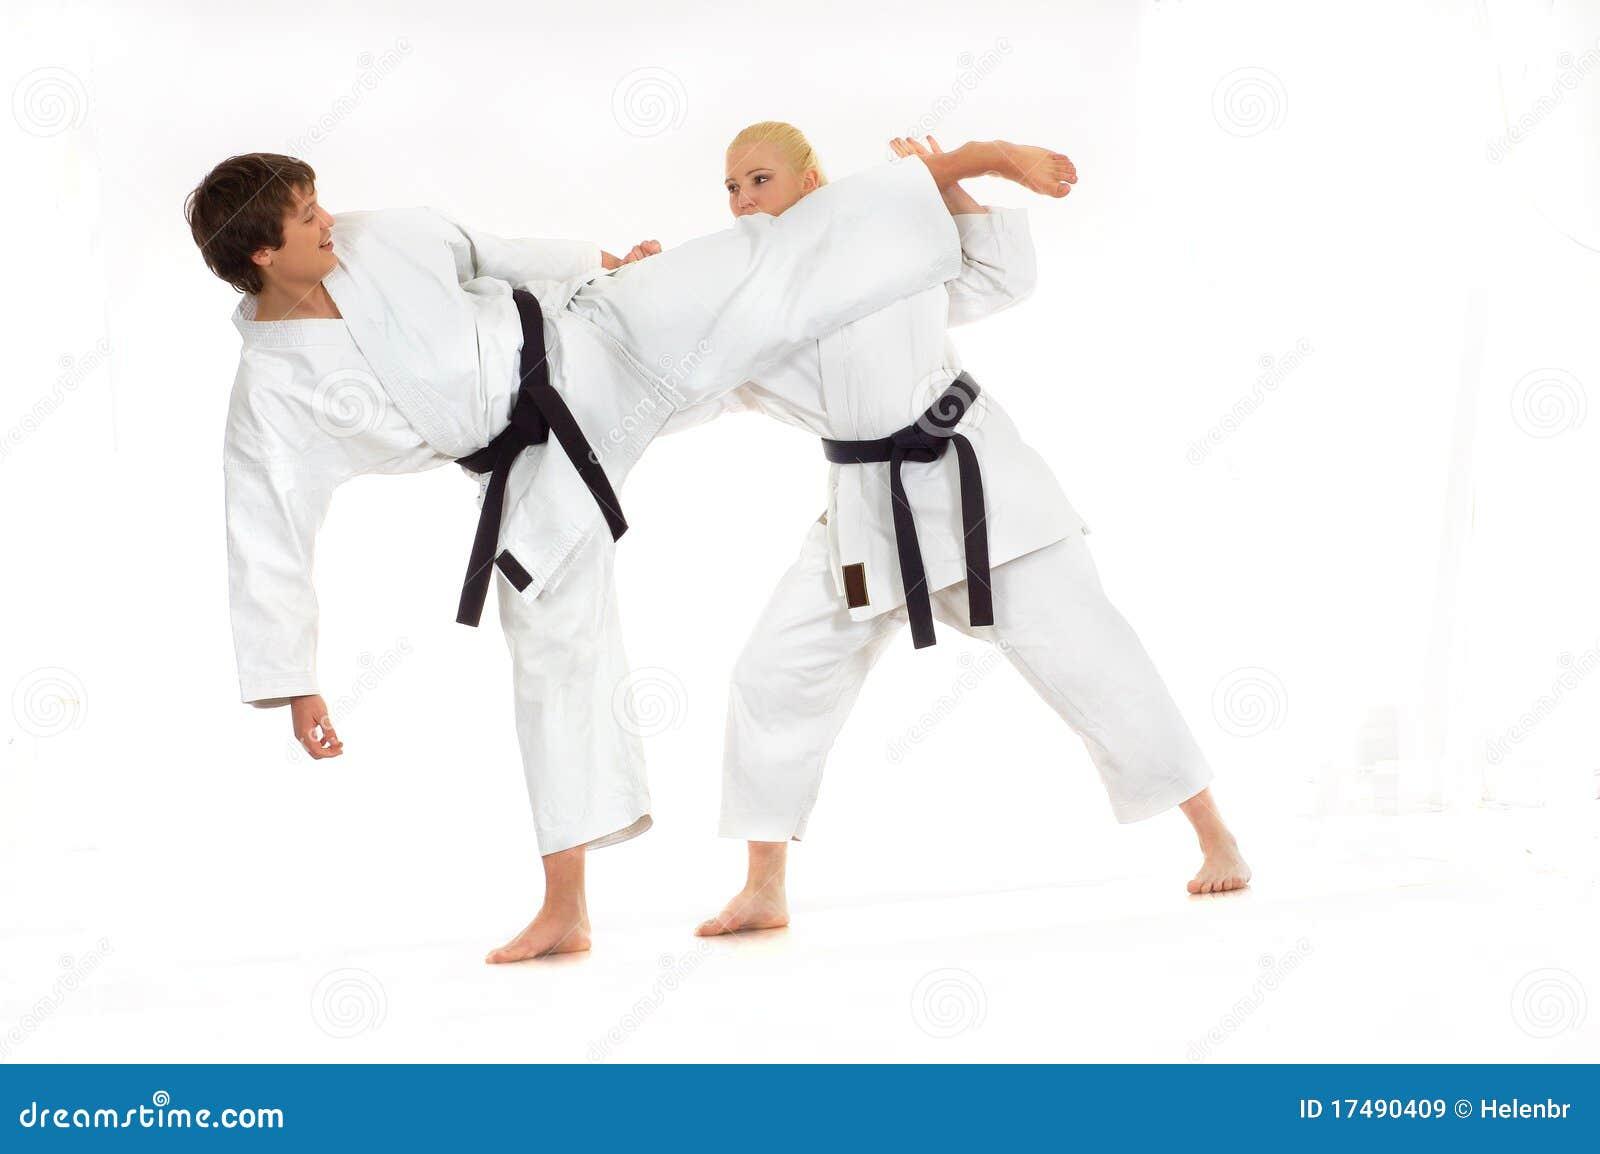 karate business plan